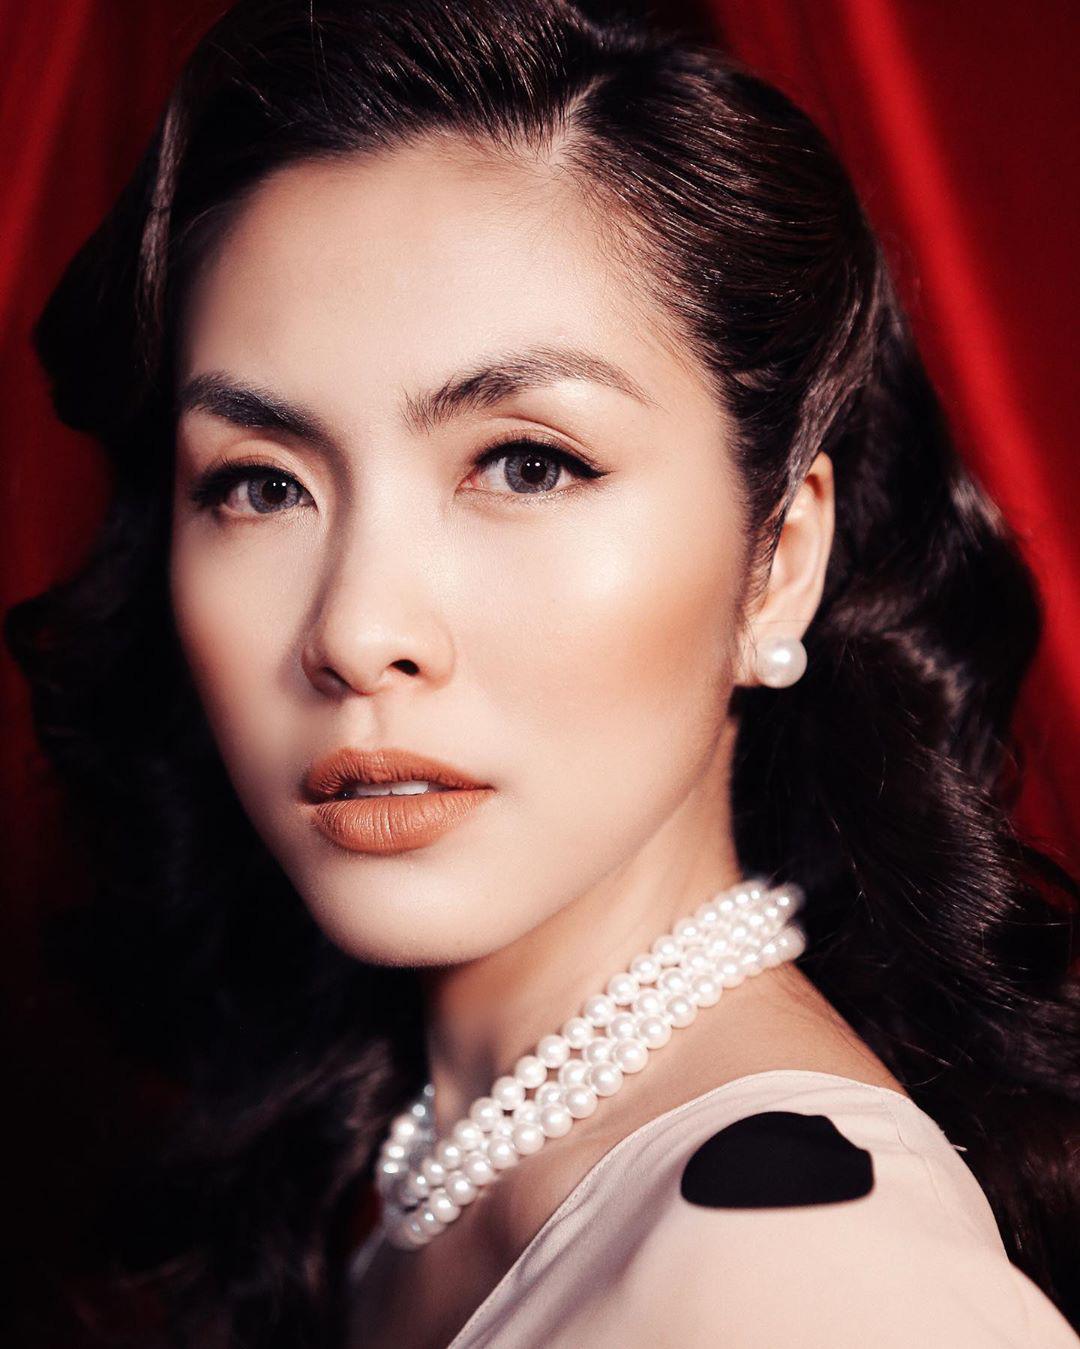 Khui lại loạt ảnh hơn cả thập kỷ trước của dàn mỹ nhân Việt: Người xinh đẹp xuất sắc, người đậm chất hương đồng gió nội vẫn khí chất ngời ngời - Hình 2